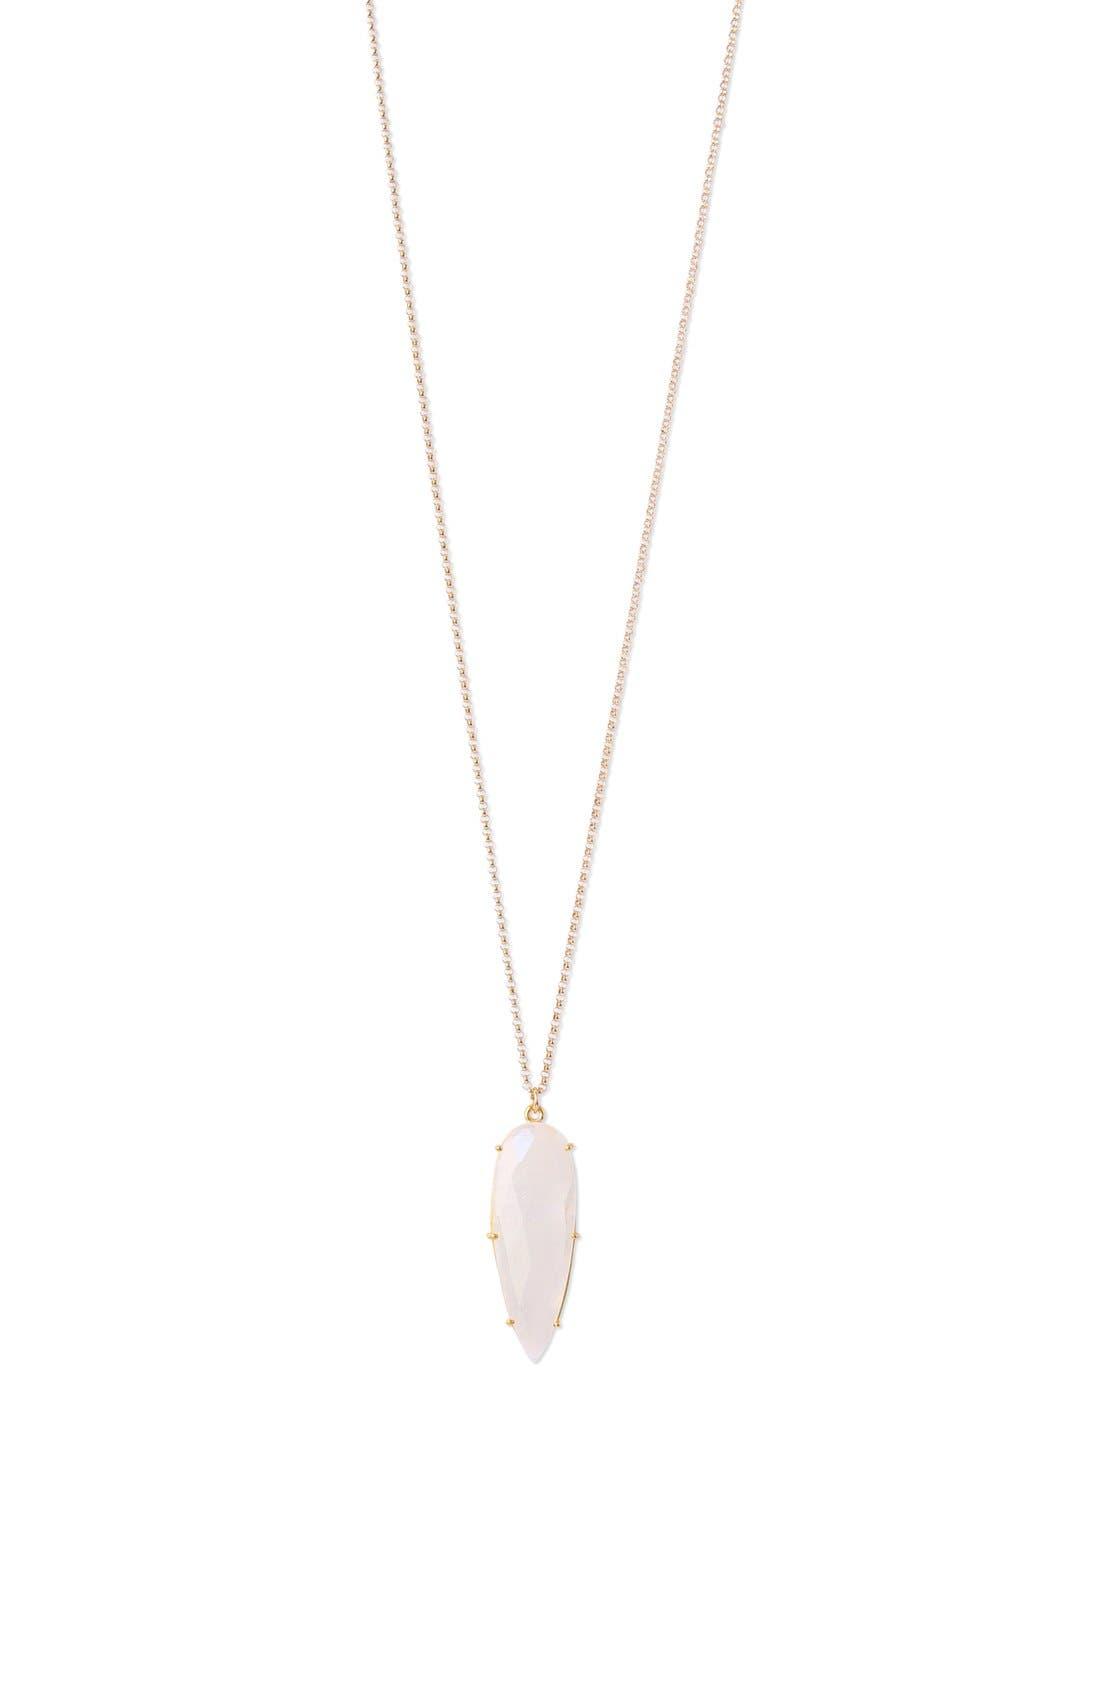 Leah Alexandra 'Prism' Long Pendant Necklace